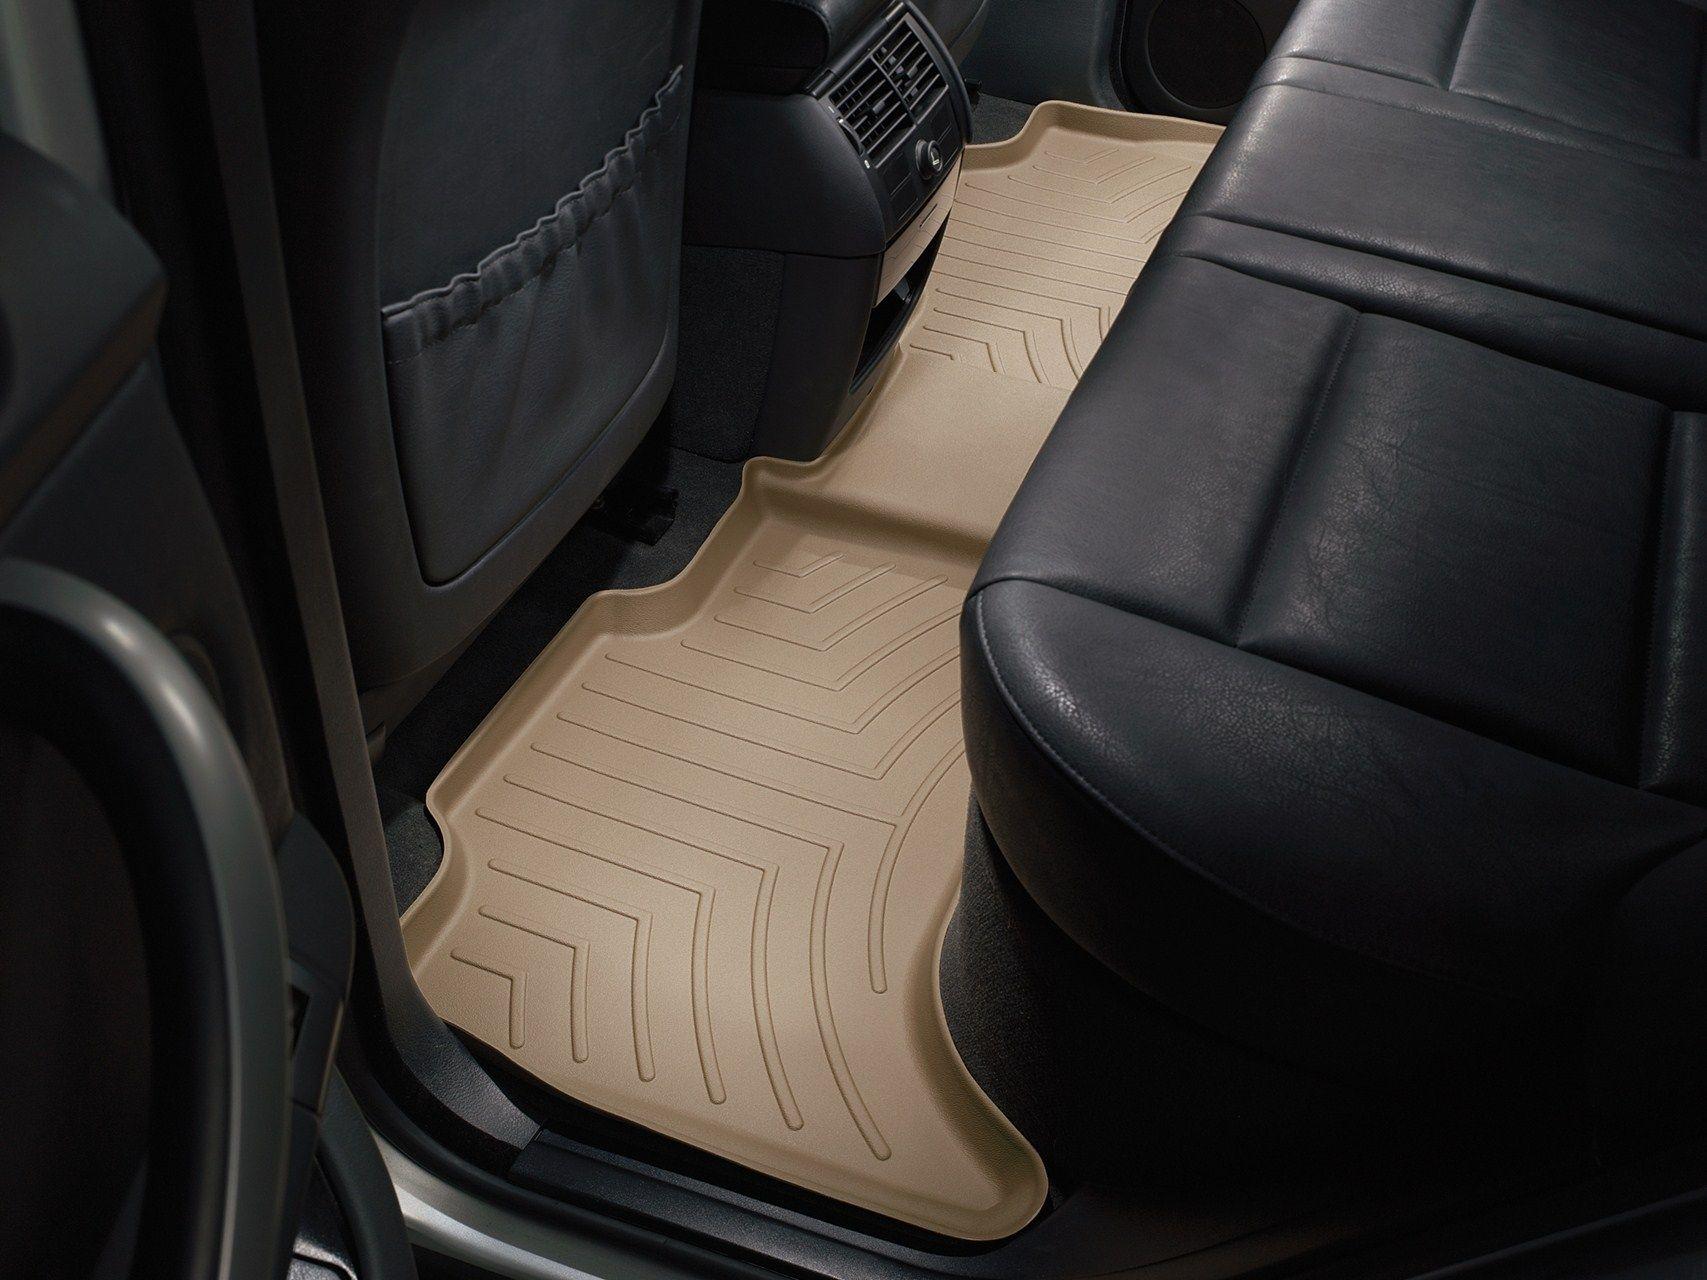 Weathertech floor mats amazon ca - 2011 Chevrolet Malibu Weathertech Floorliner Custom Fit Car Floor Protection From Mud Water